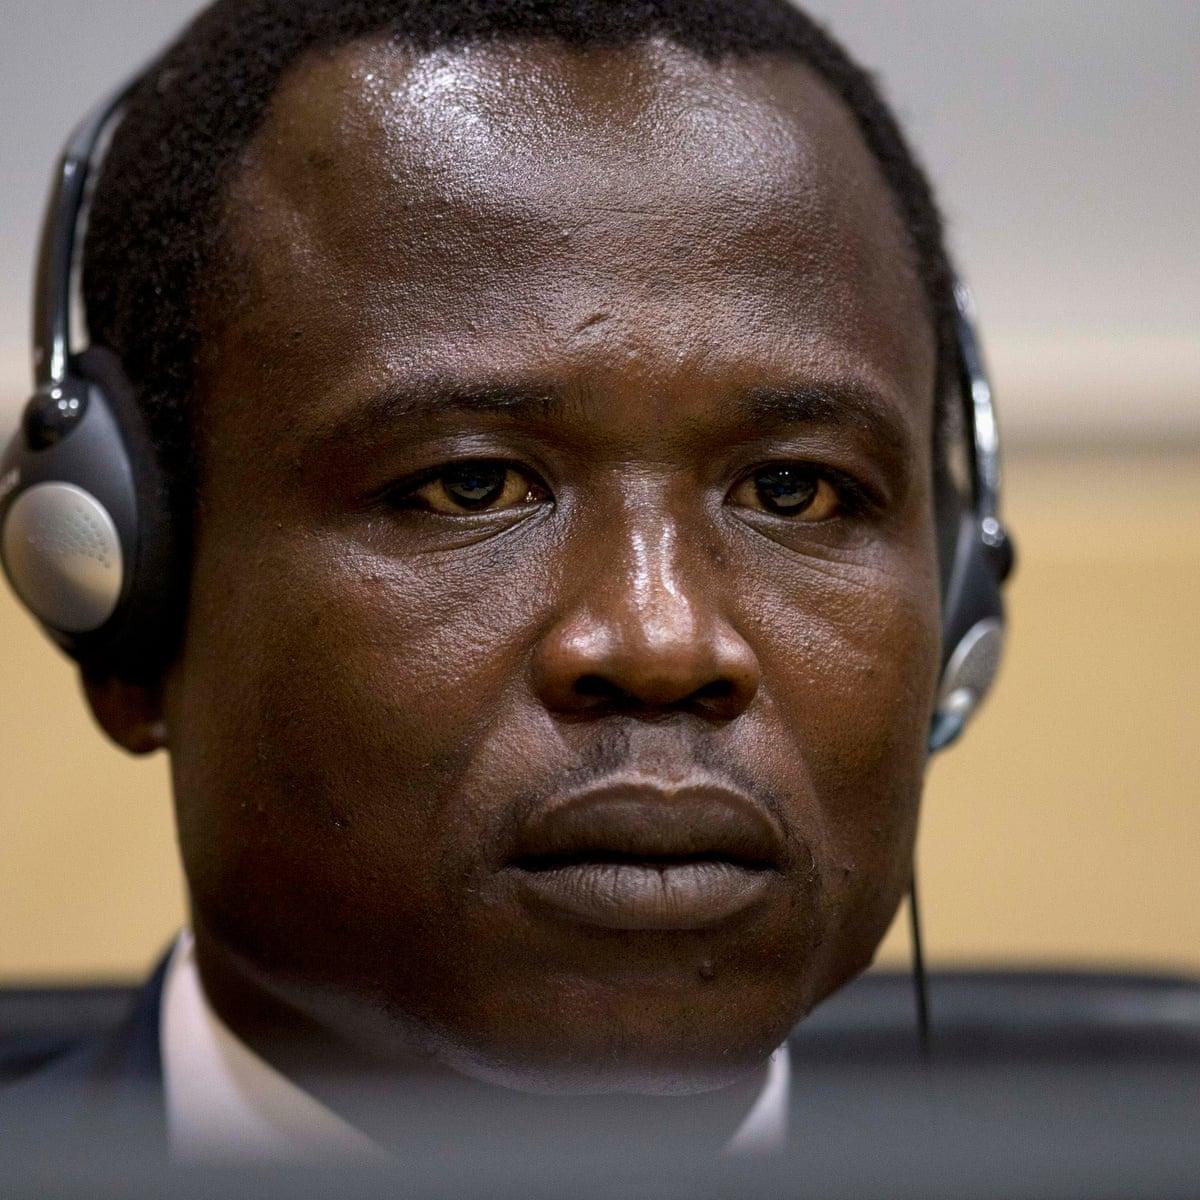 Image result for Ugandan rebel commander found guilty of war crimes, crimes against humanity